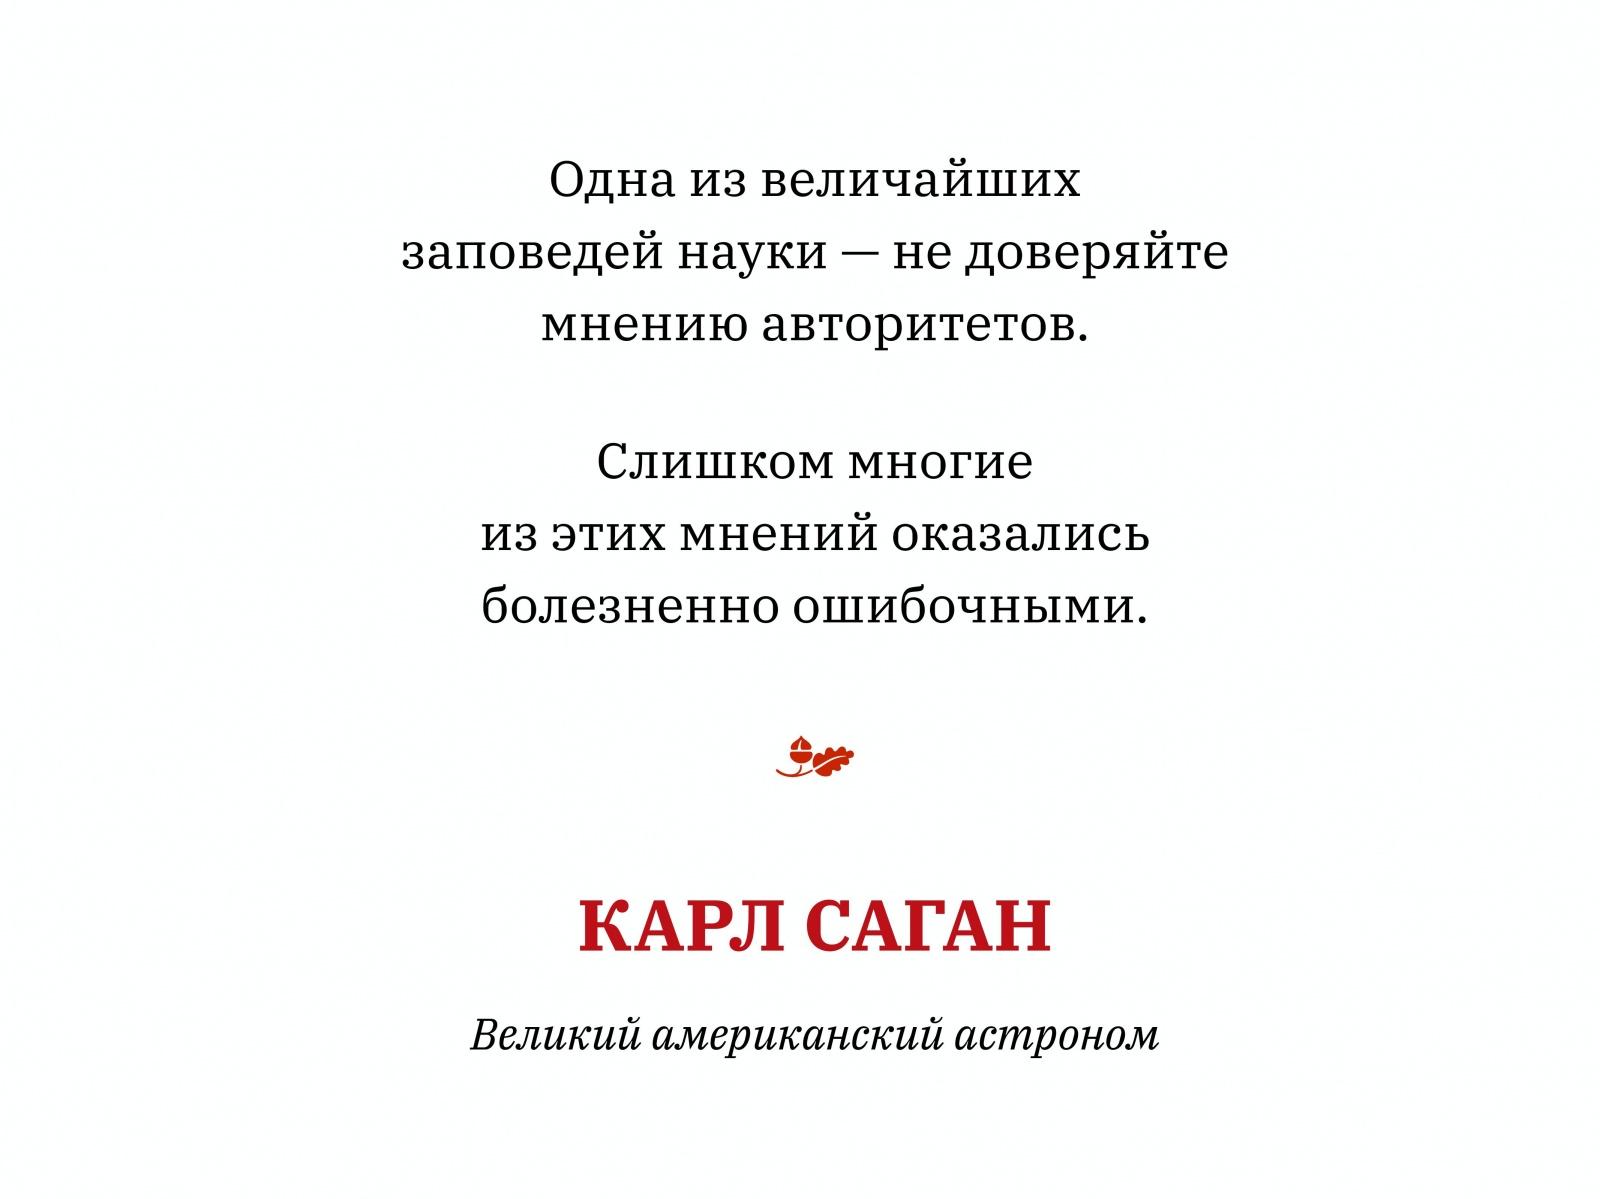 Алексей Каптерев: Критическое мышление 101 (часть 2) - 37